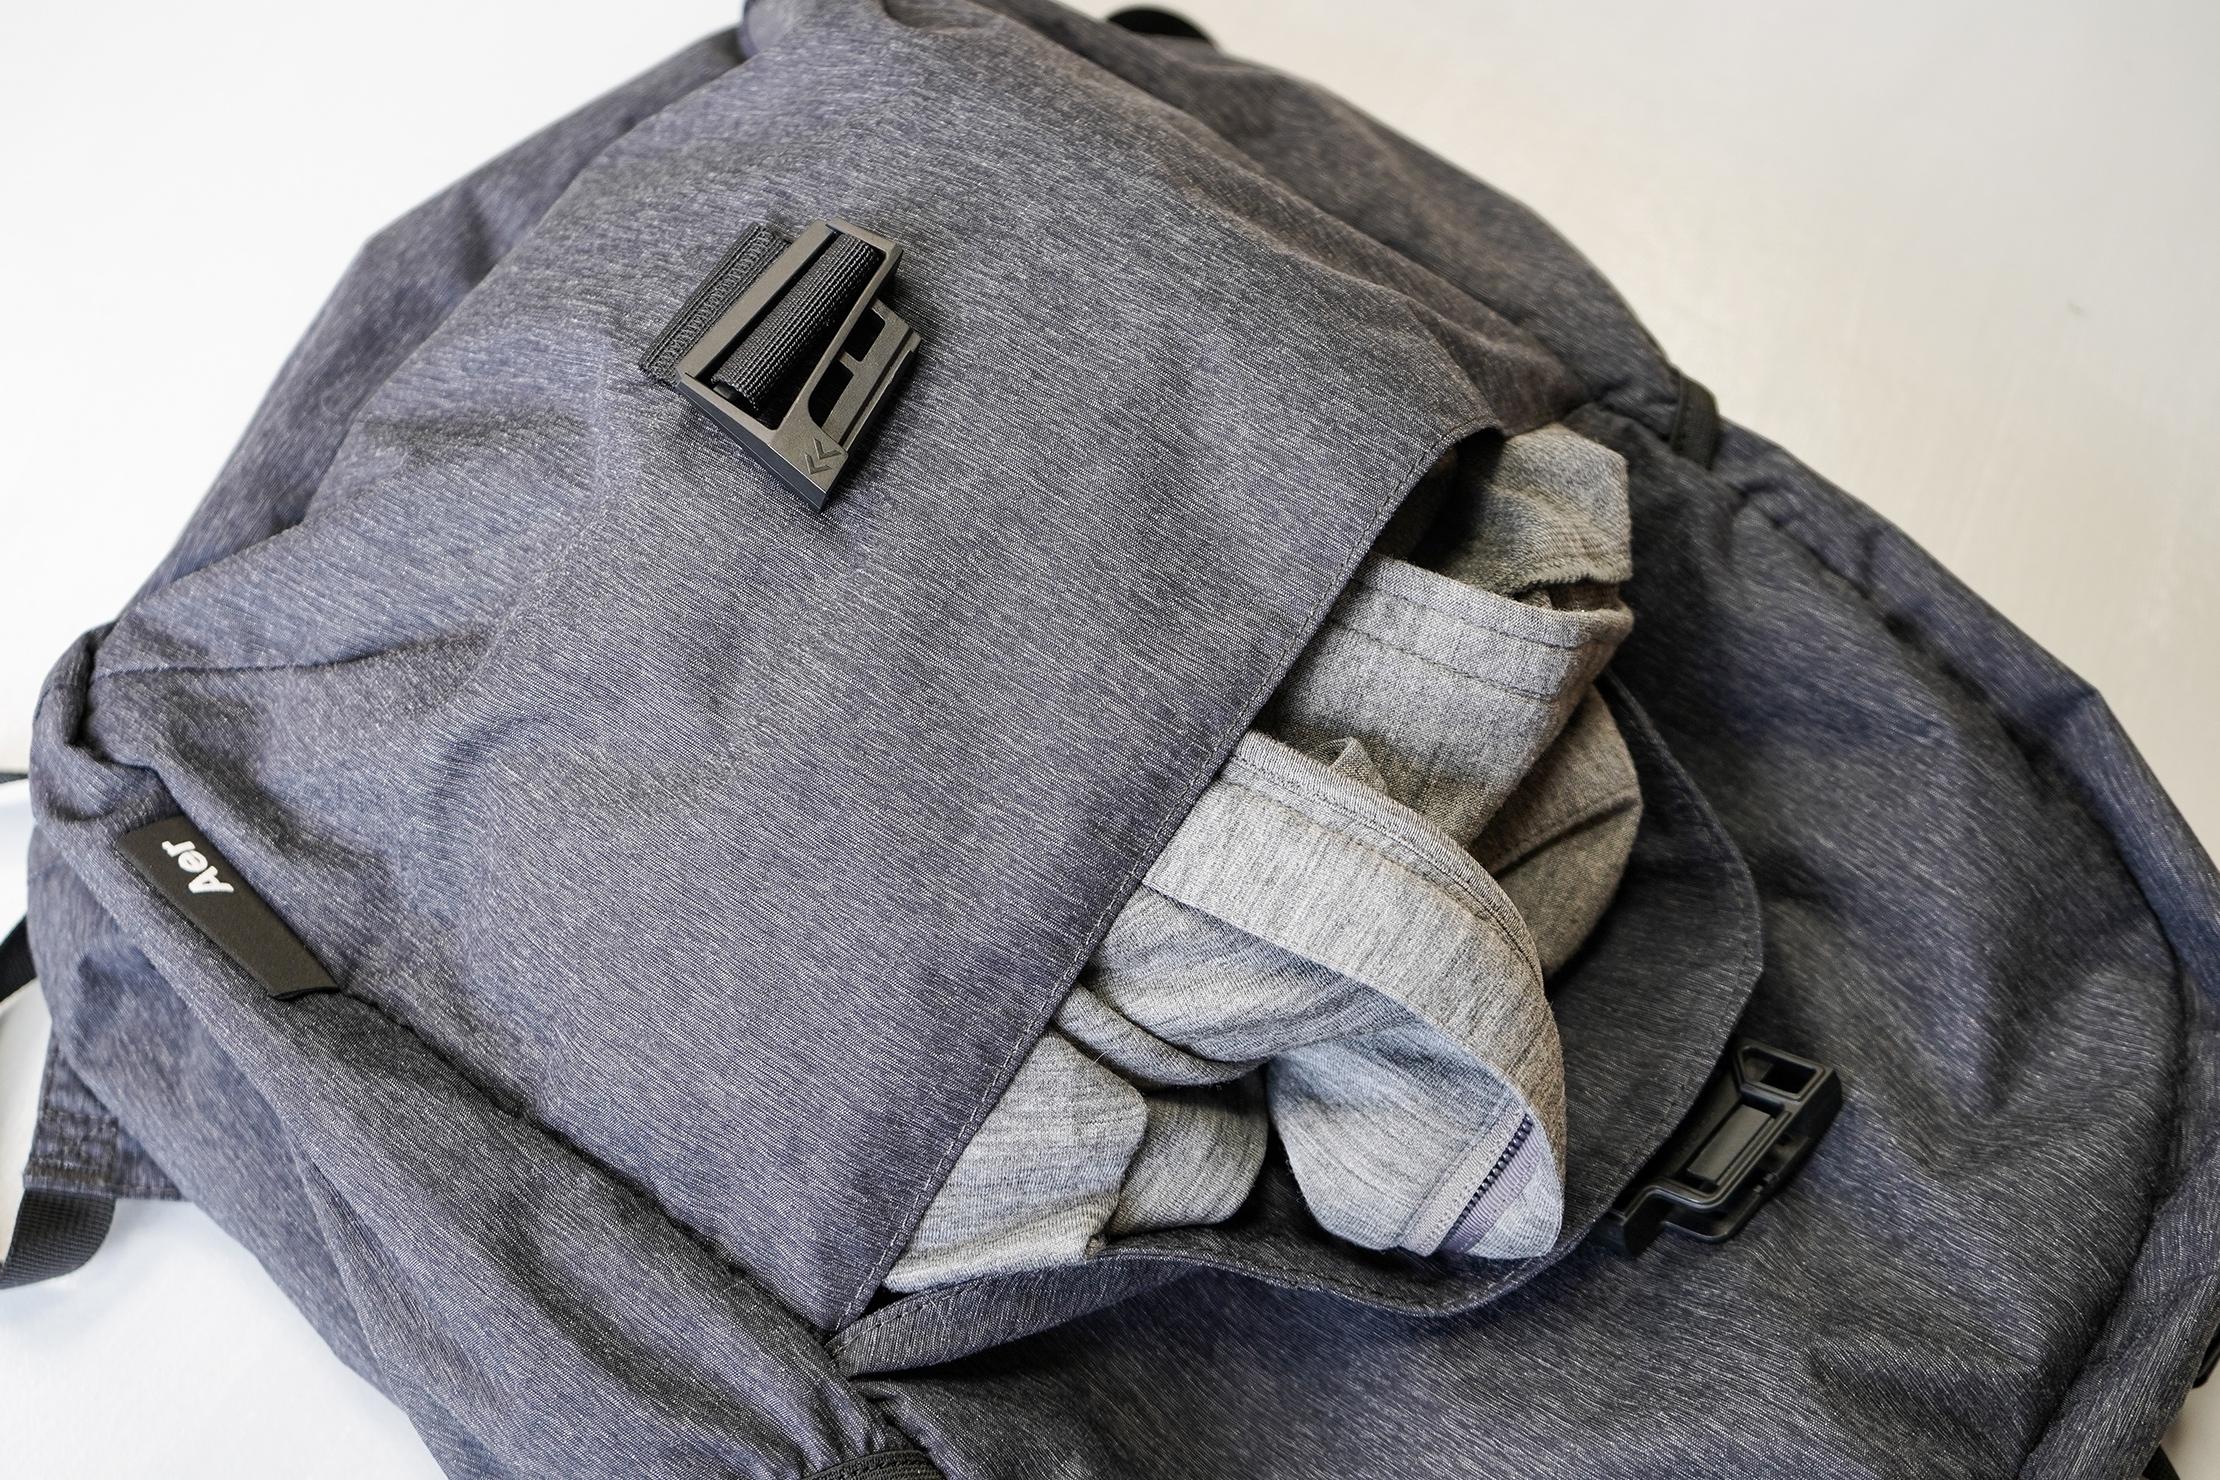 Aer Go Pack Front Pocket